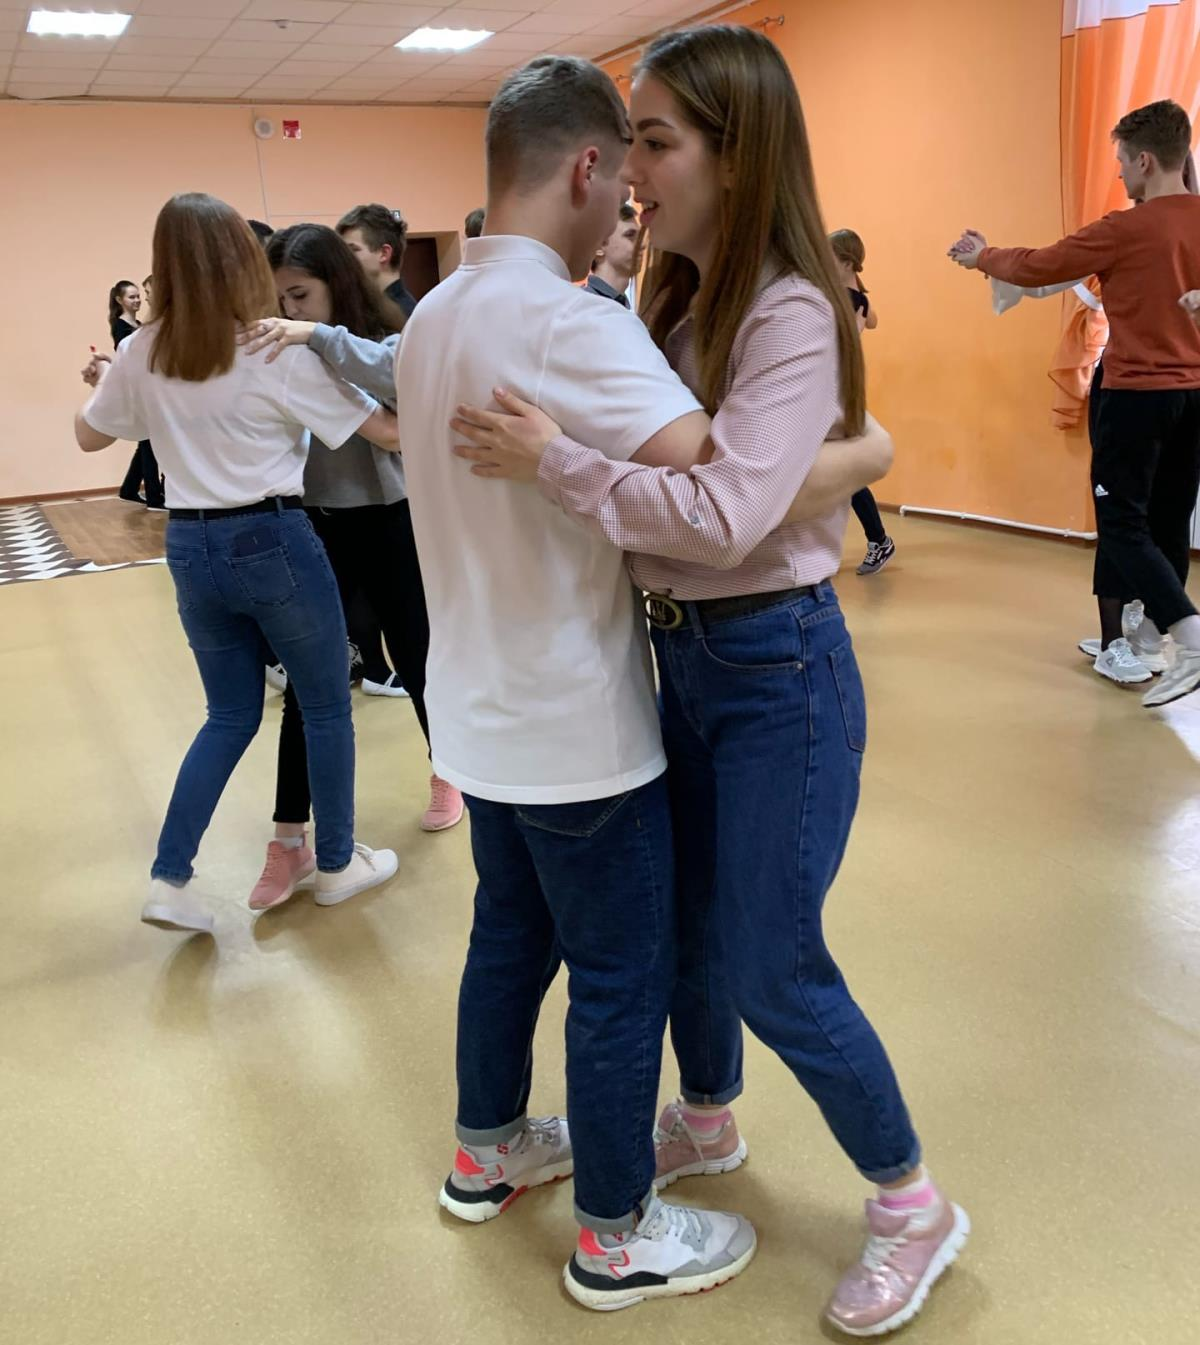 Танцуют мазурку, танго и котильон